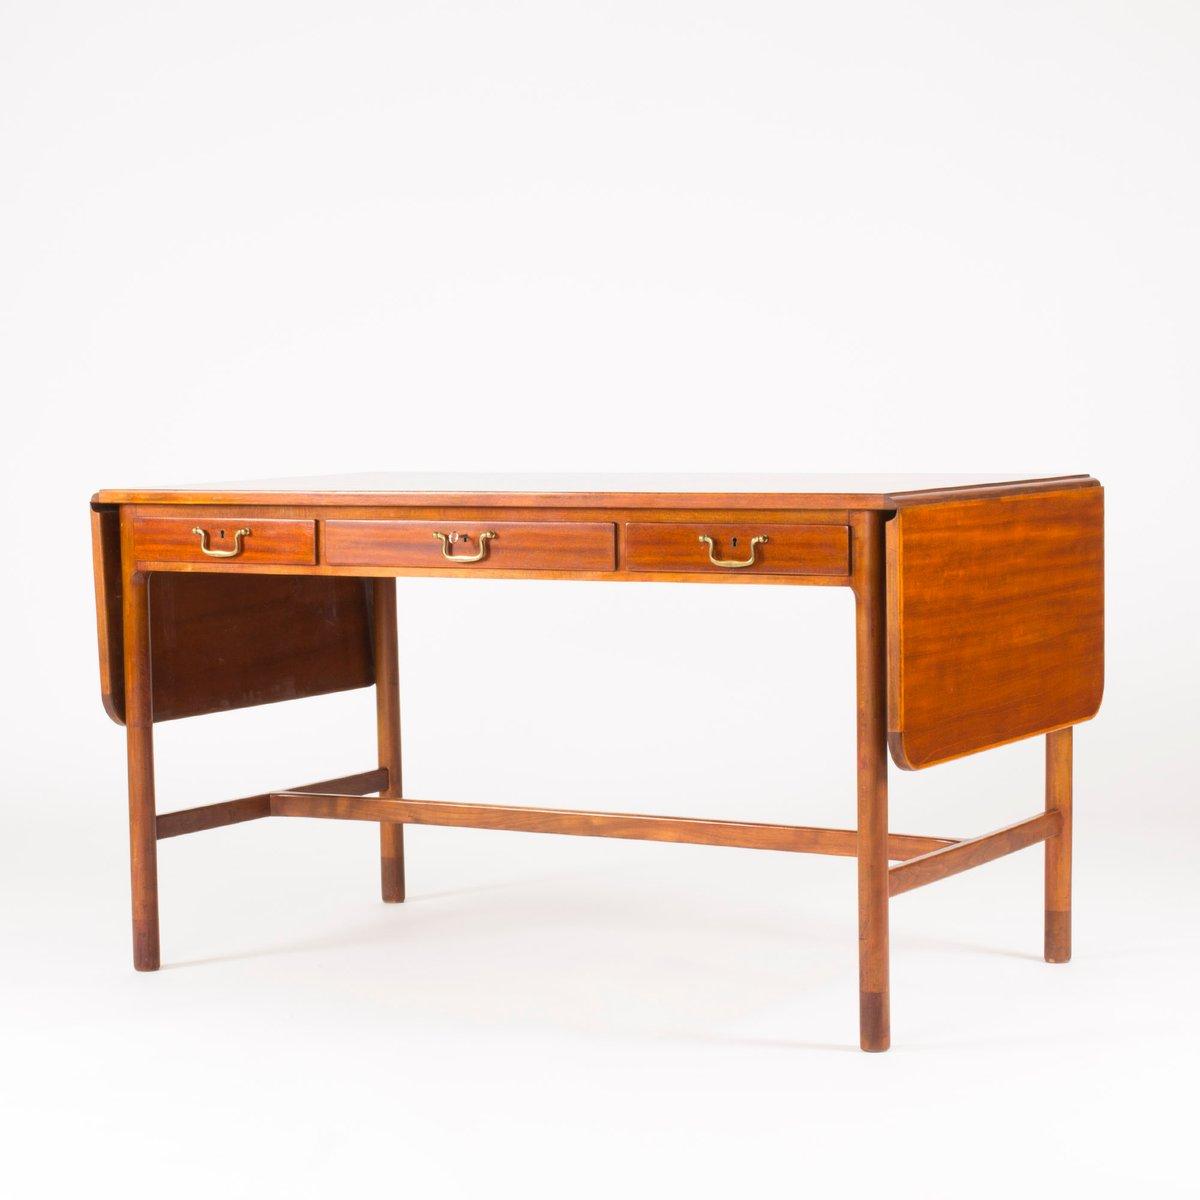 mahagoni schreibtisch von josef frank f r svenskt tenn 1950er bei pamono kaufen. Black Bedroom Furniture Sets. Home Design Ideas